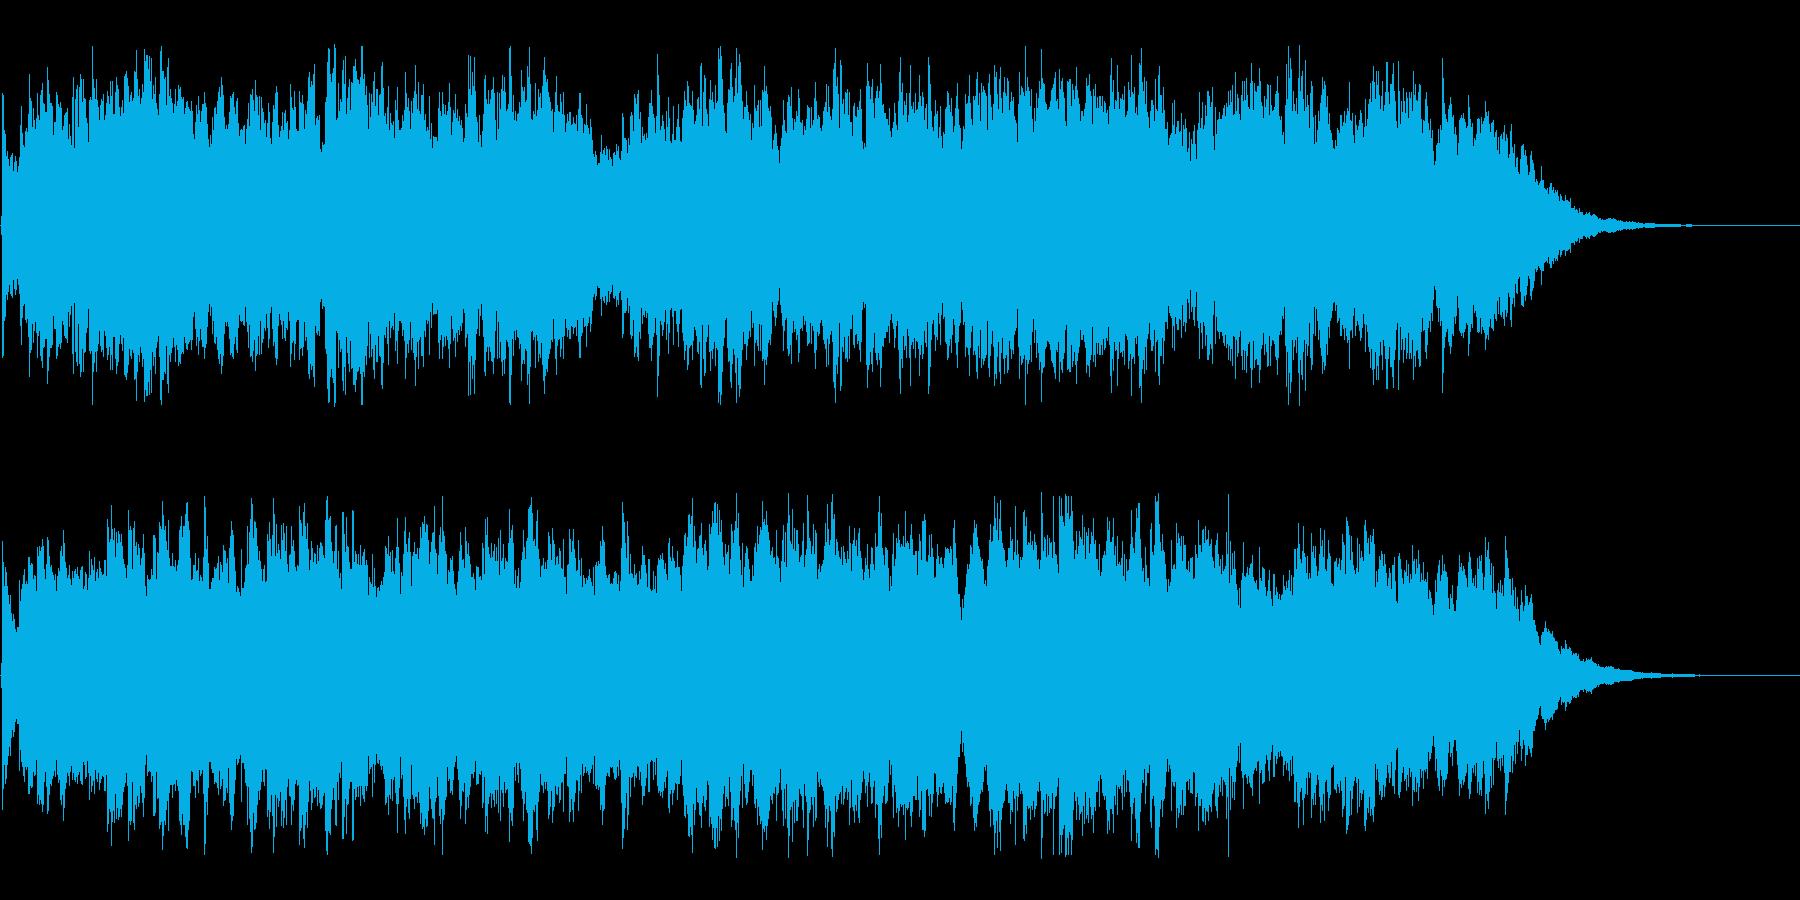 Dark_ホラーで怪しく神秘的-13の再生済みの波形